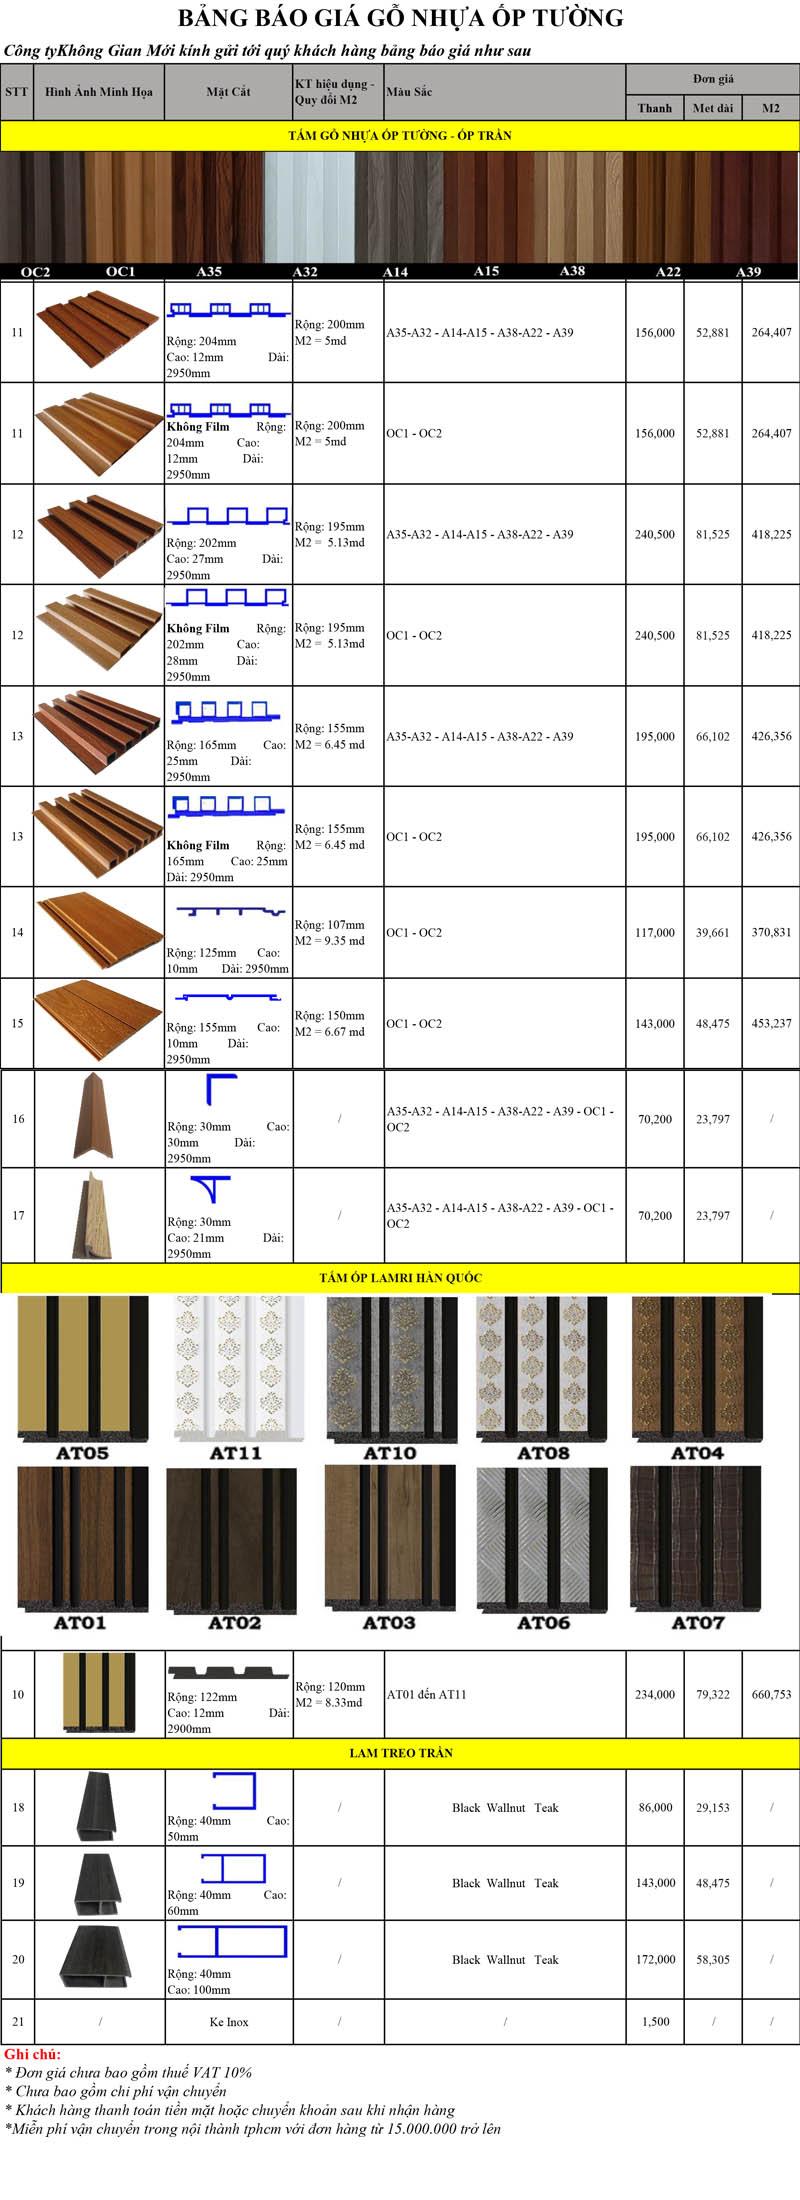 Bảng báo giá lam nhựa giả gỗ tại tphcm